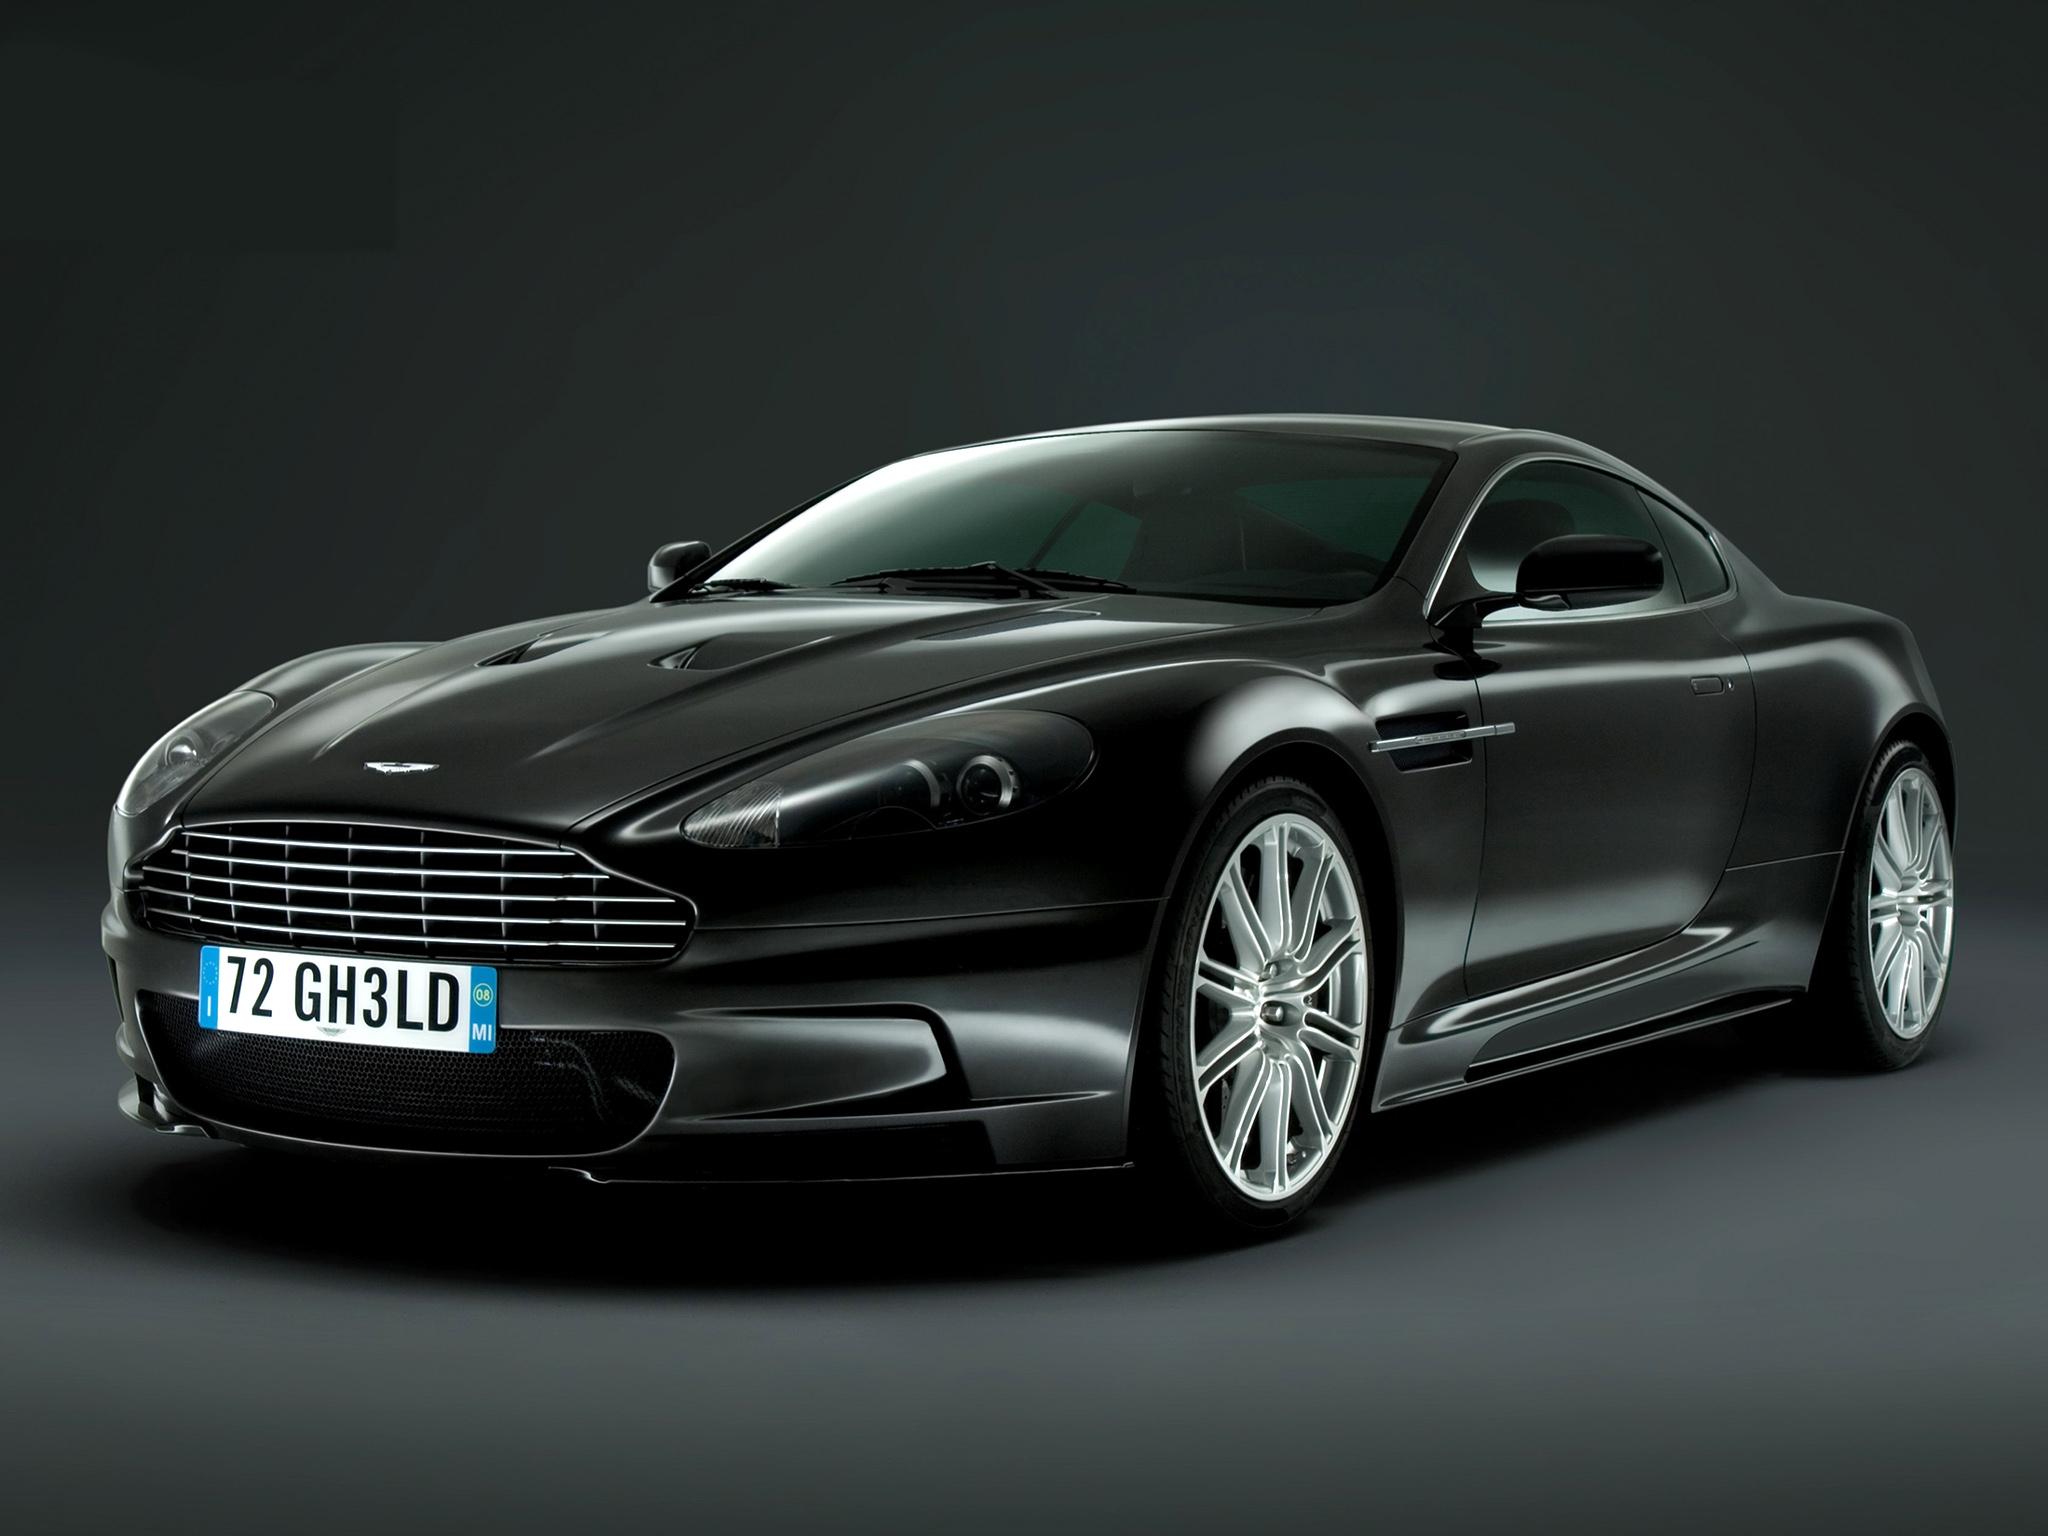 155388 скачать обои Тачки (Cars), Астон Мартин (Aston Martin), Dbs, 2008, Черный, Вид Спереди, Стиль, Машины - заставки и картинки бесплатно